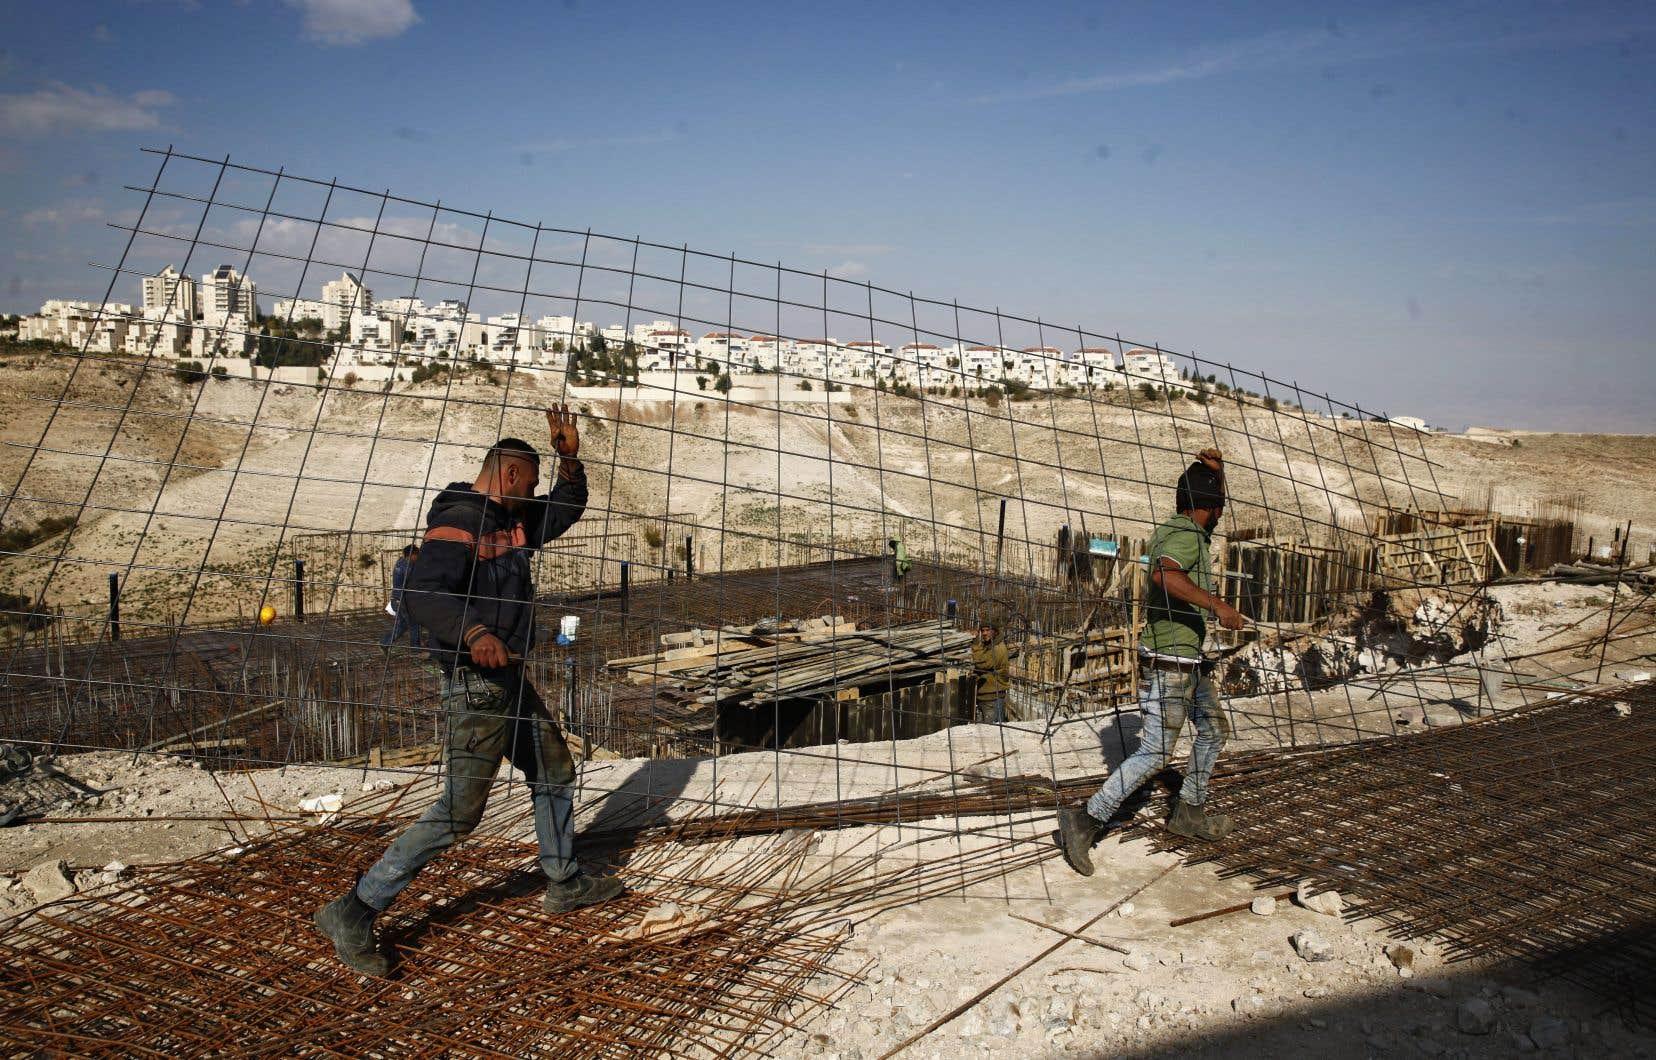 Israël a annoncé jeudi qu'il donnerait en milieu de semaine prochaine son feu vert final à 2500 nouveaux logements de colons en Cisjordanie.